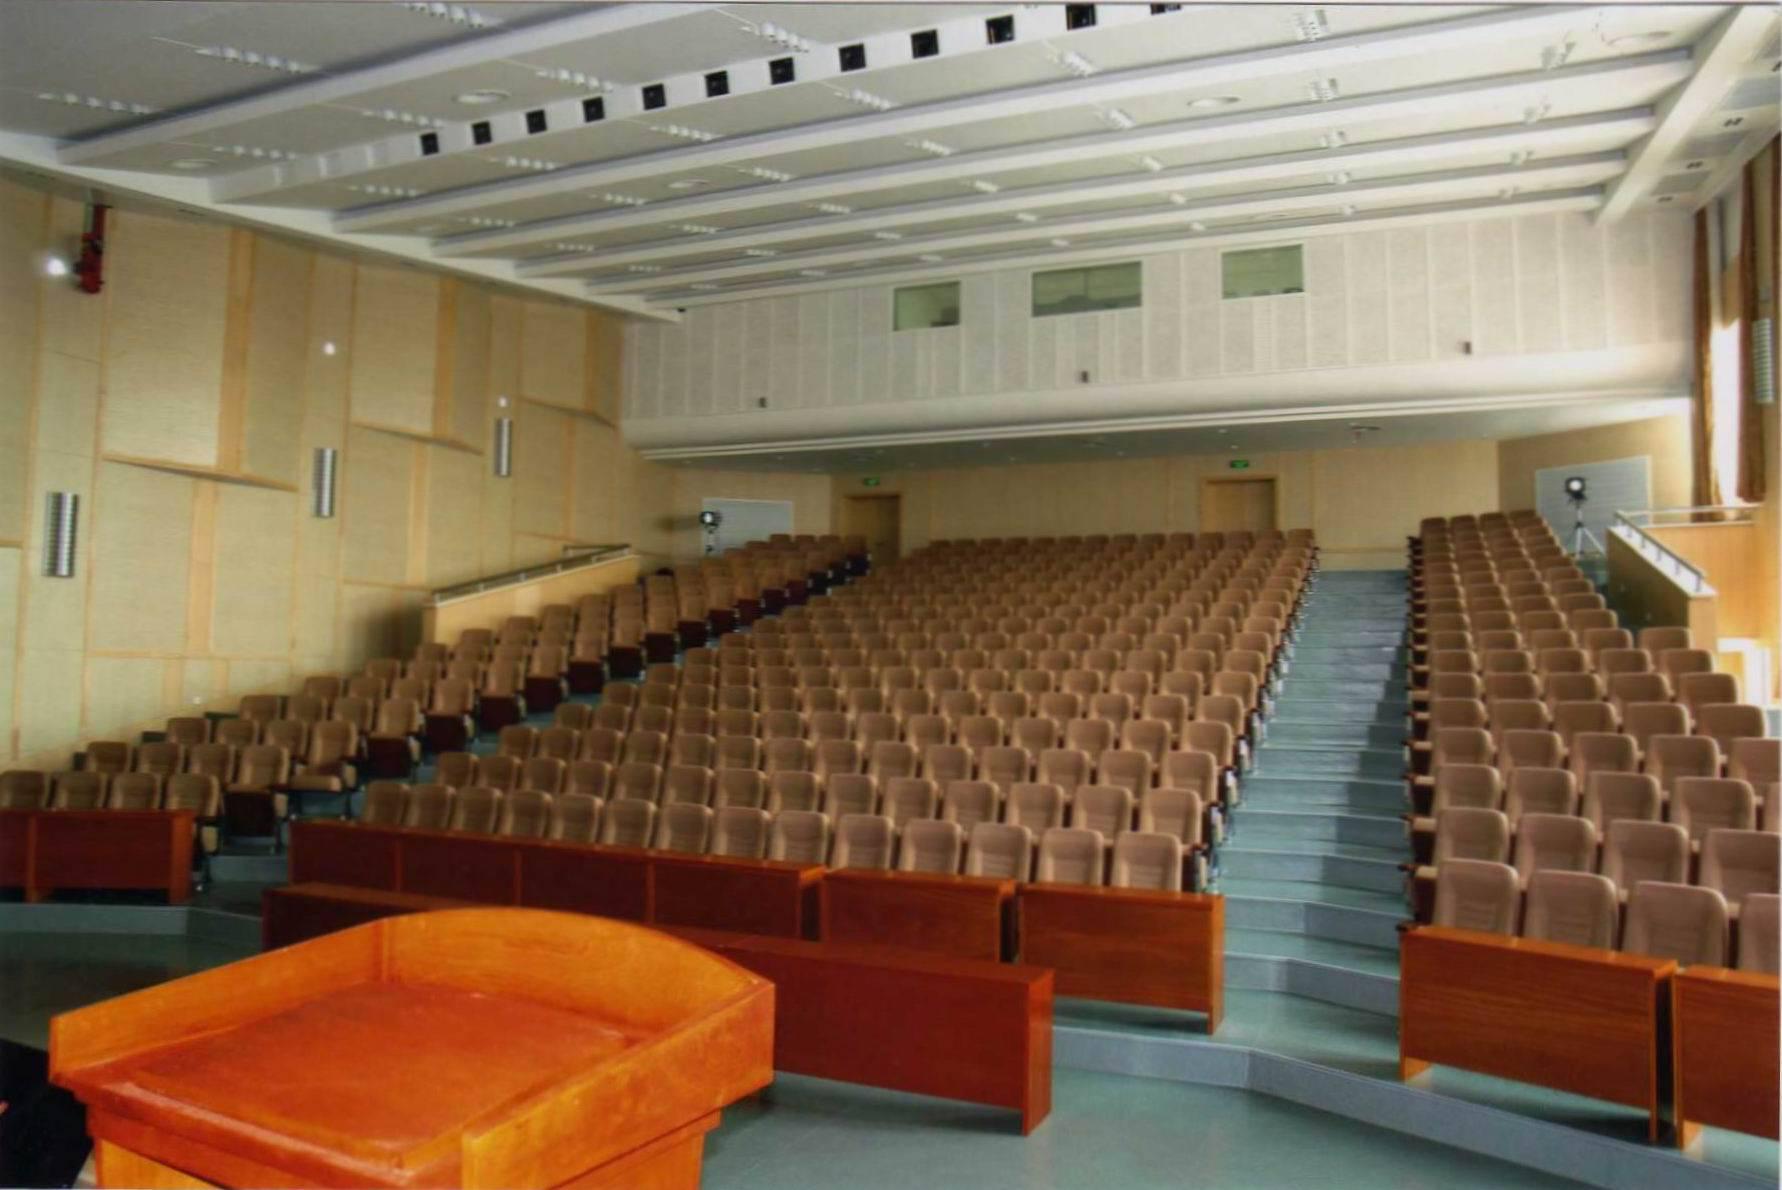 武汉市公安局指挥大楼大礼堂灯光音响及舞台